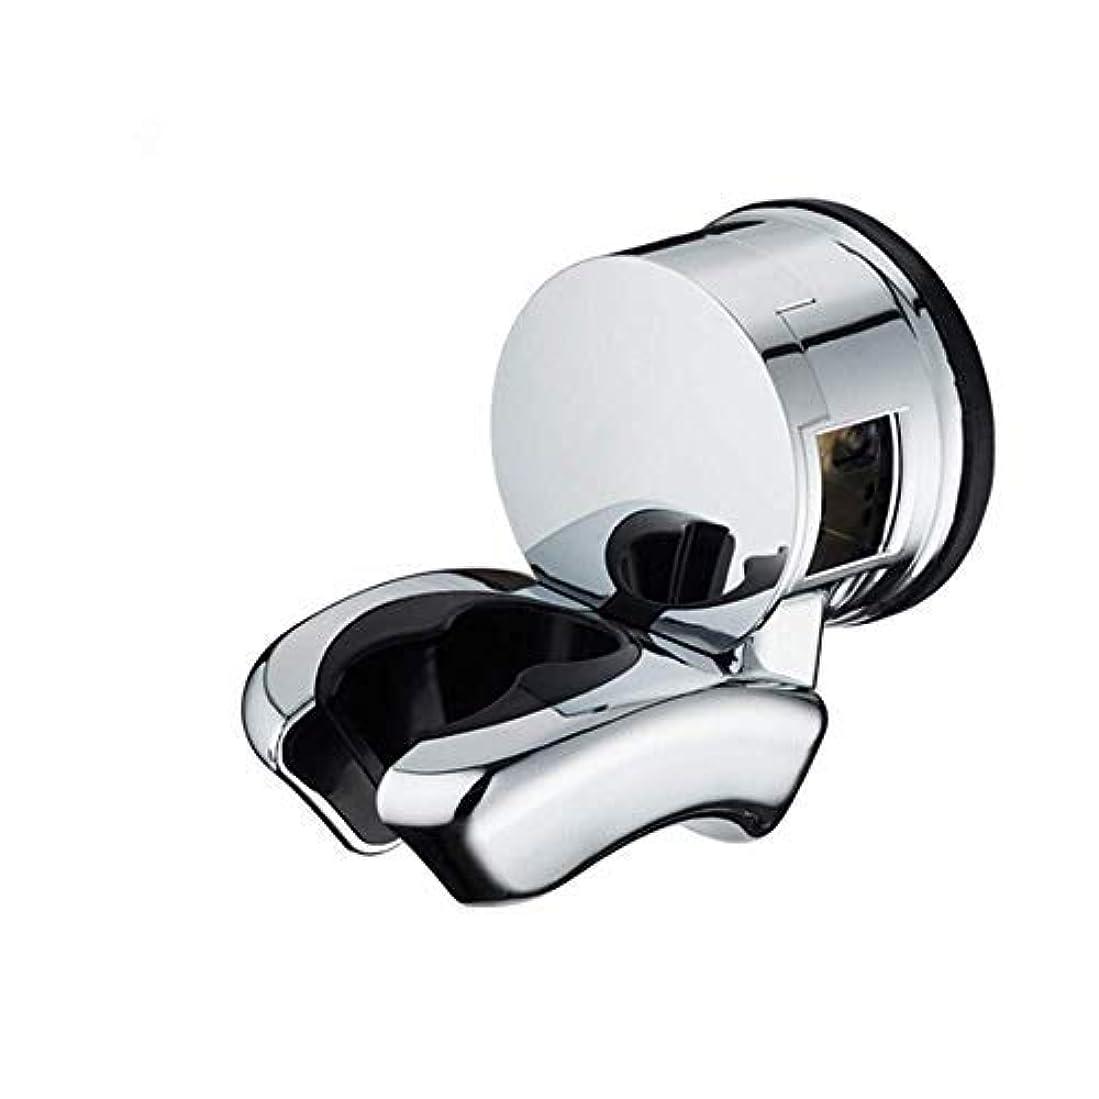 手足うるさいリアルSimg 吸盤式シャワーフック 壁を傷つけない 真空吸盤仕様 移動できる シルバーメッキ 穴あけ&ネジ止め不要 取り付け簡単 (A)